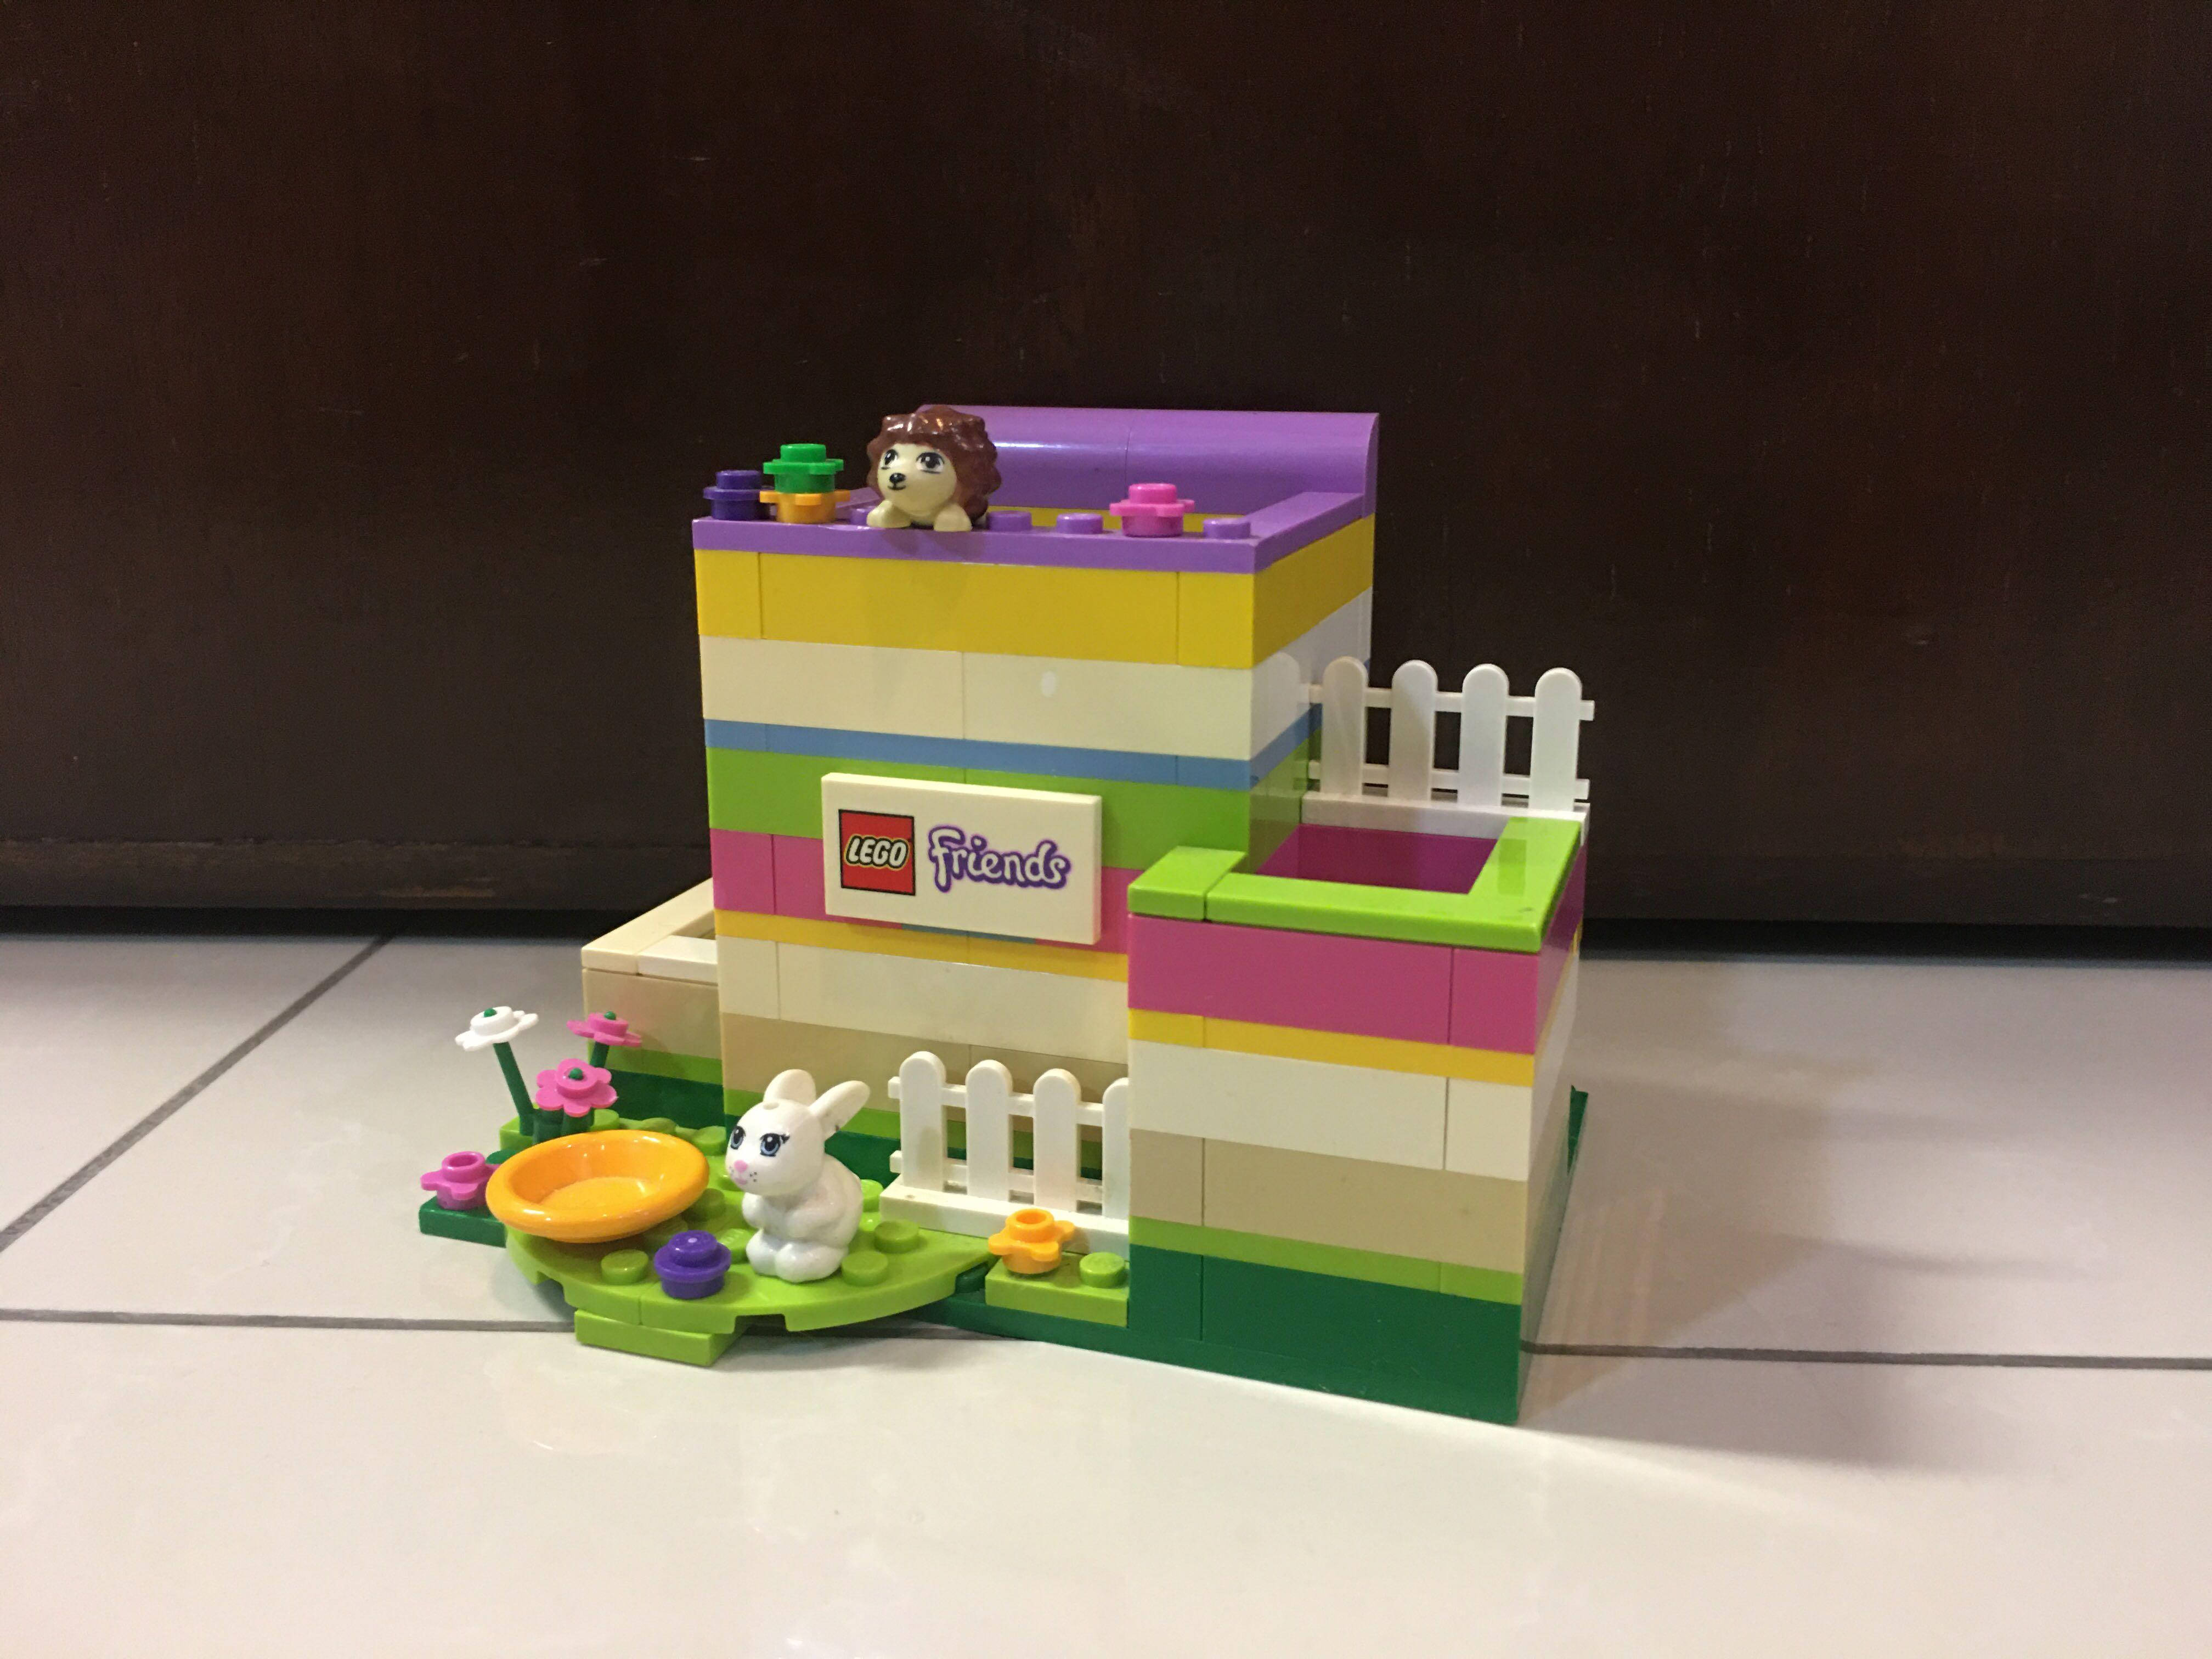 LEGO FRIENDS 1 X FIGURE /& 1 PET  EXCELLENT CONDITION RANDOM SELECTION